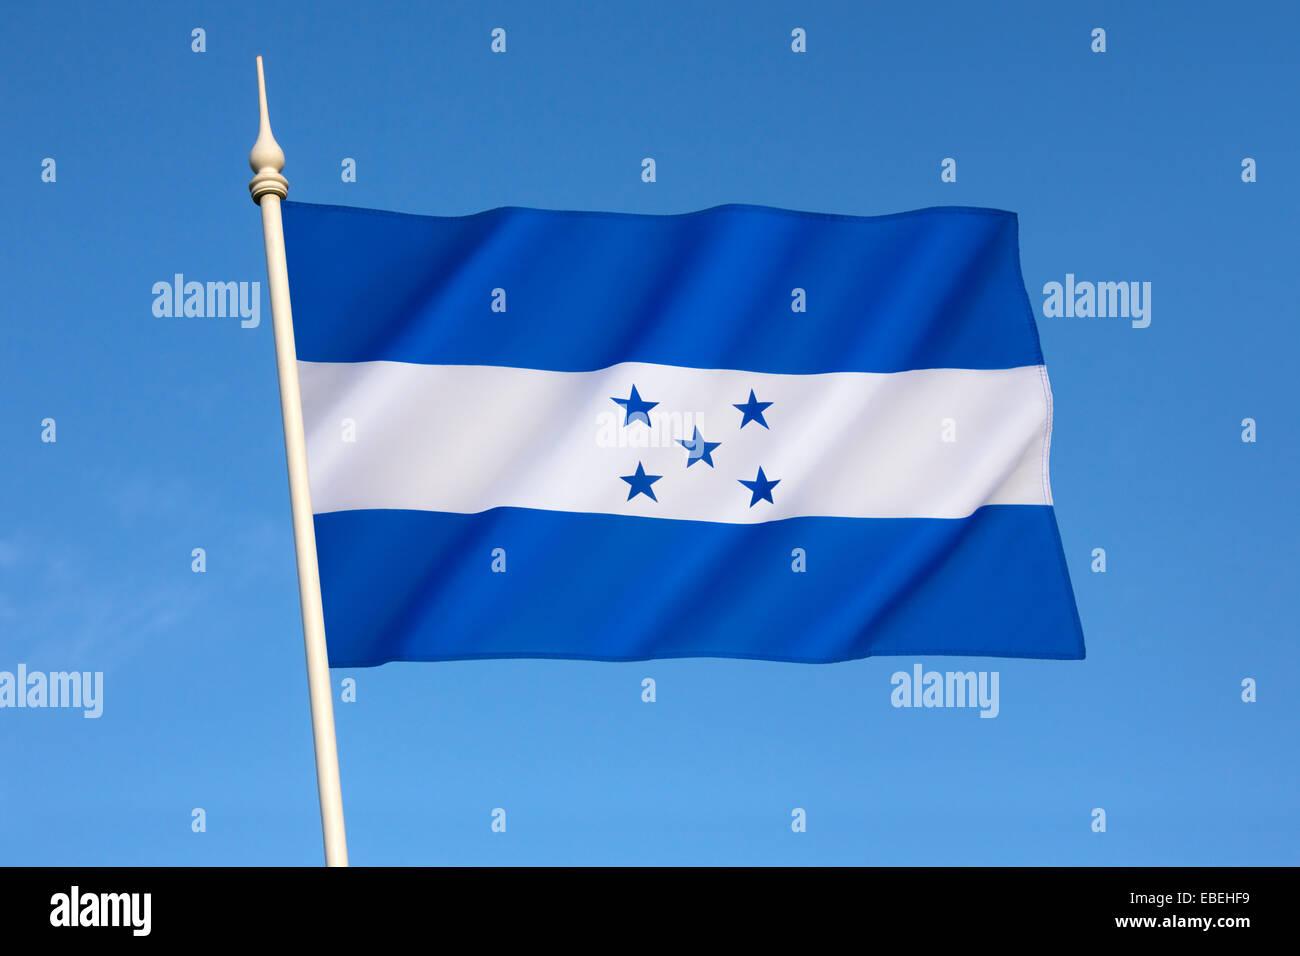 Flag of Honduras - Stock Image